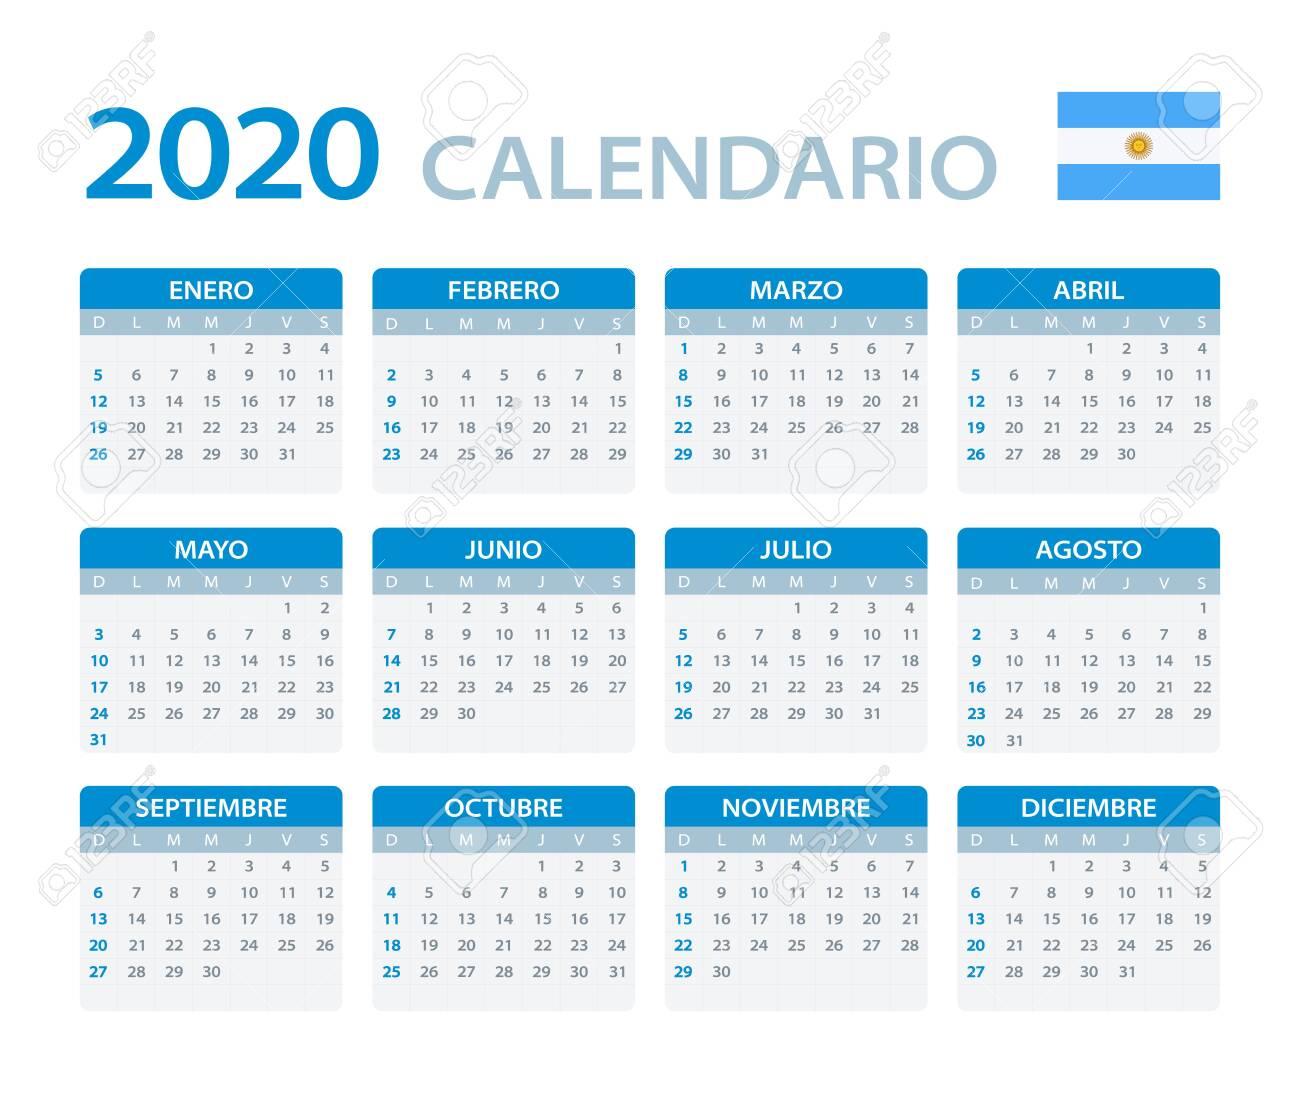 Calendario 2020 Chile Vector.Vector Template Of Color 2020 Calendar Argentinian Version